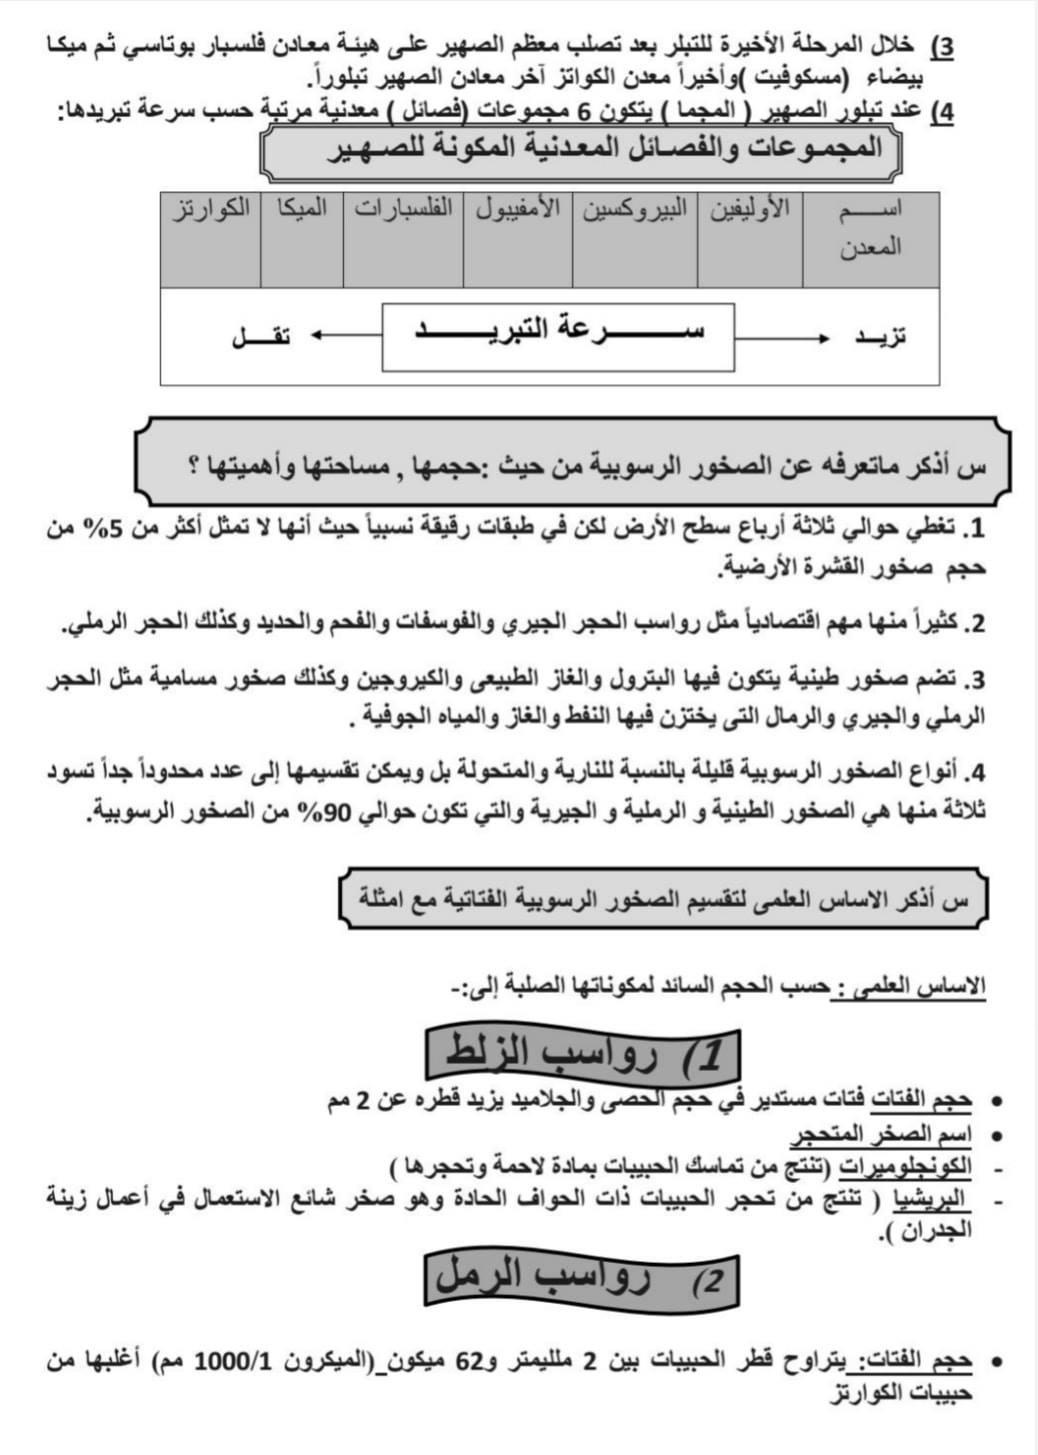 س و ج مراجعة امتحان الجيولوجيا للثانوية العامة من اليوم السابع 4